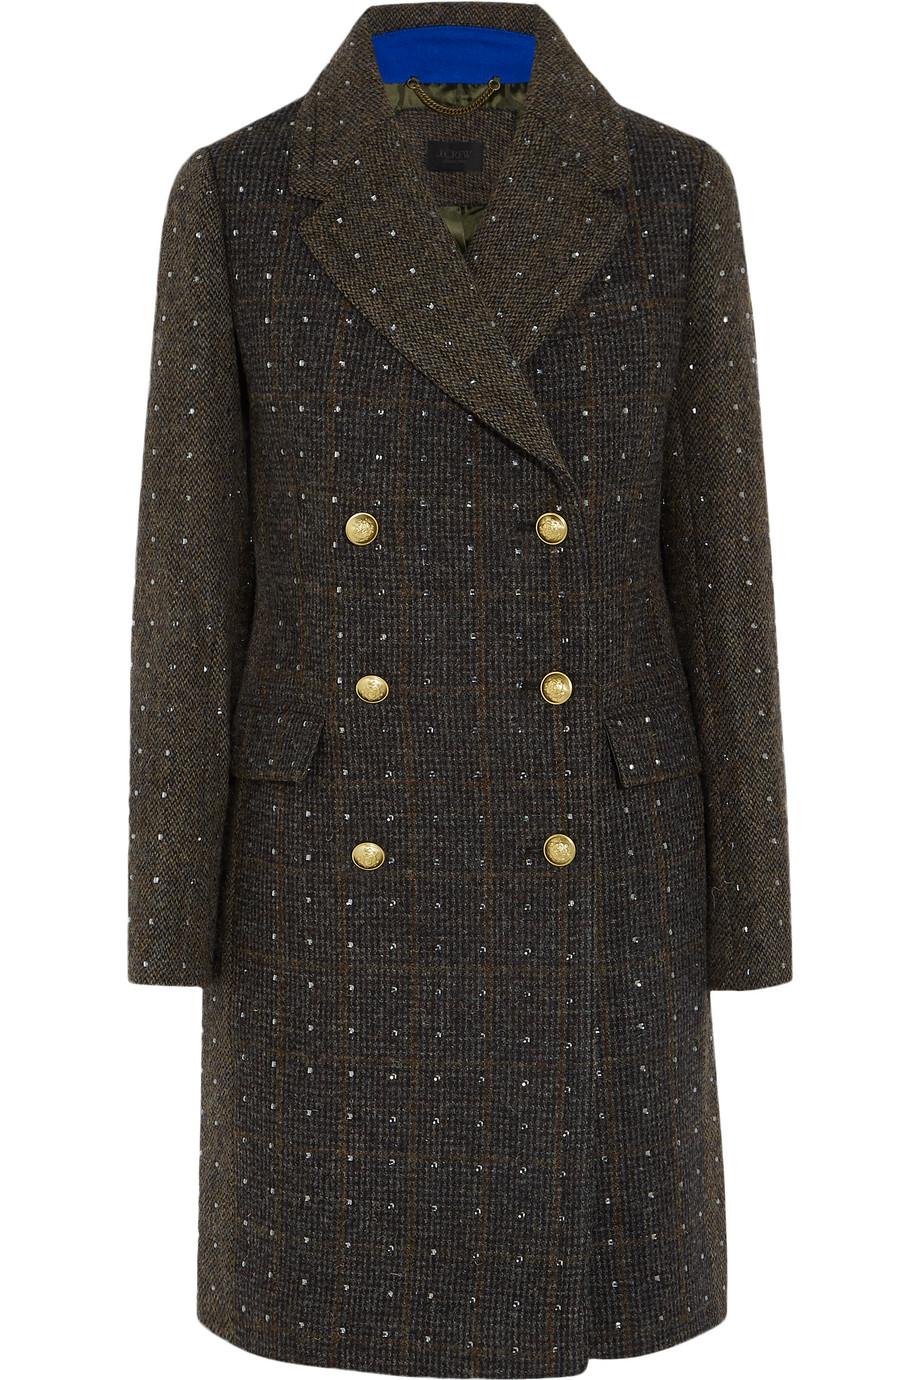 J.Crew Adie Crystal-Embellished Wool-Tweed Coat, Army Green, Women's, Size: 0